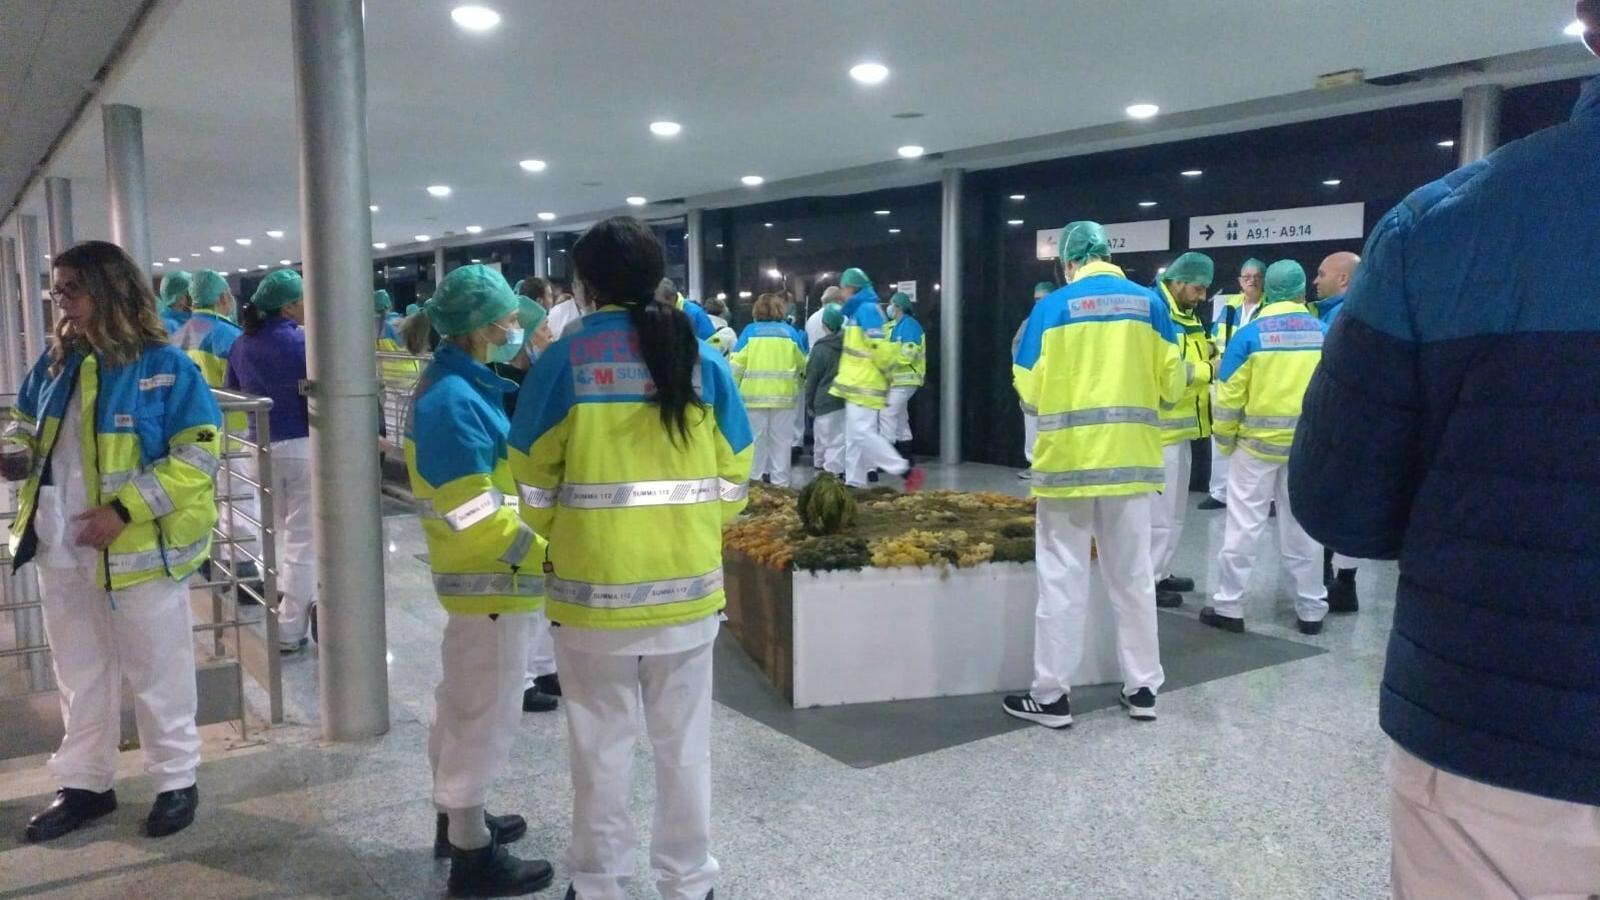 Imatge cedida a Europa Press de professionals sanitaris sense la distància de seguretat a l'hospital provisional d'Ifema durant la jornada del diumenge, en què es van registrar crítiques per la manca de material i d'organització.